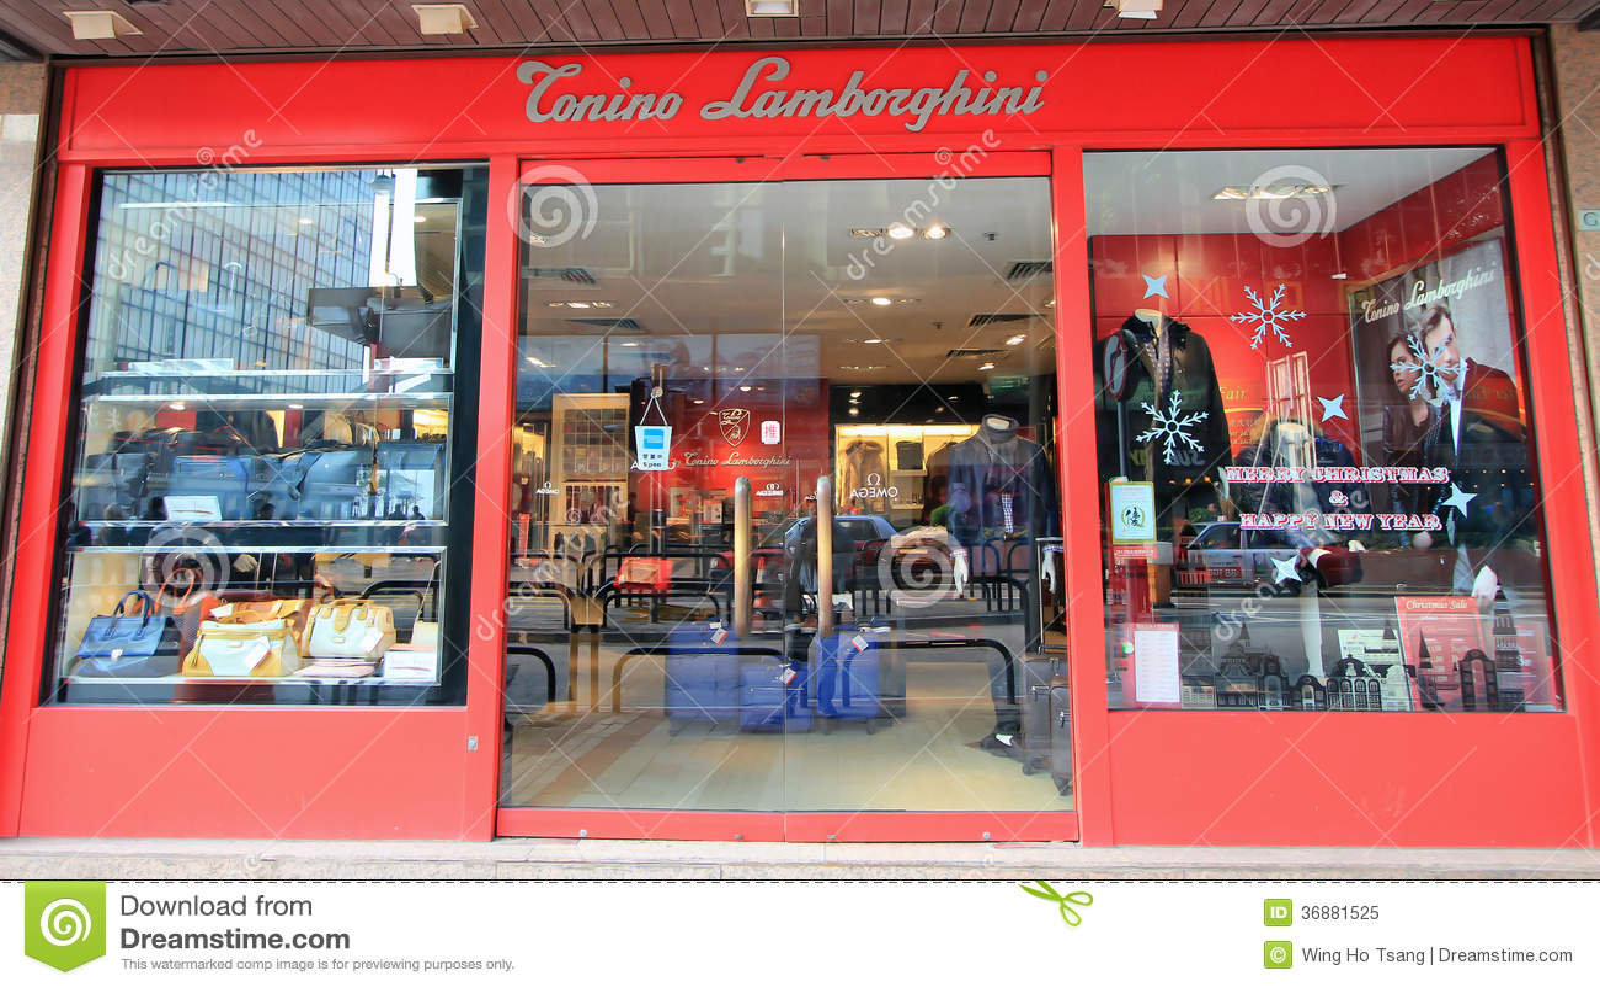 Download Negozio Di Lamborghini Di Conino A Hong Kong Immagine Editoriale - Immagine di vestiti, kong: 36881525